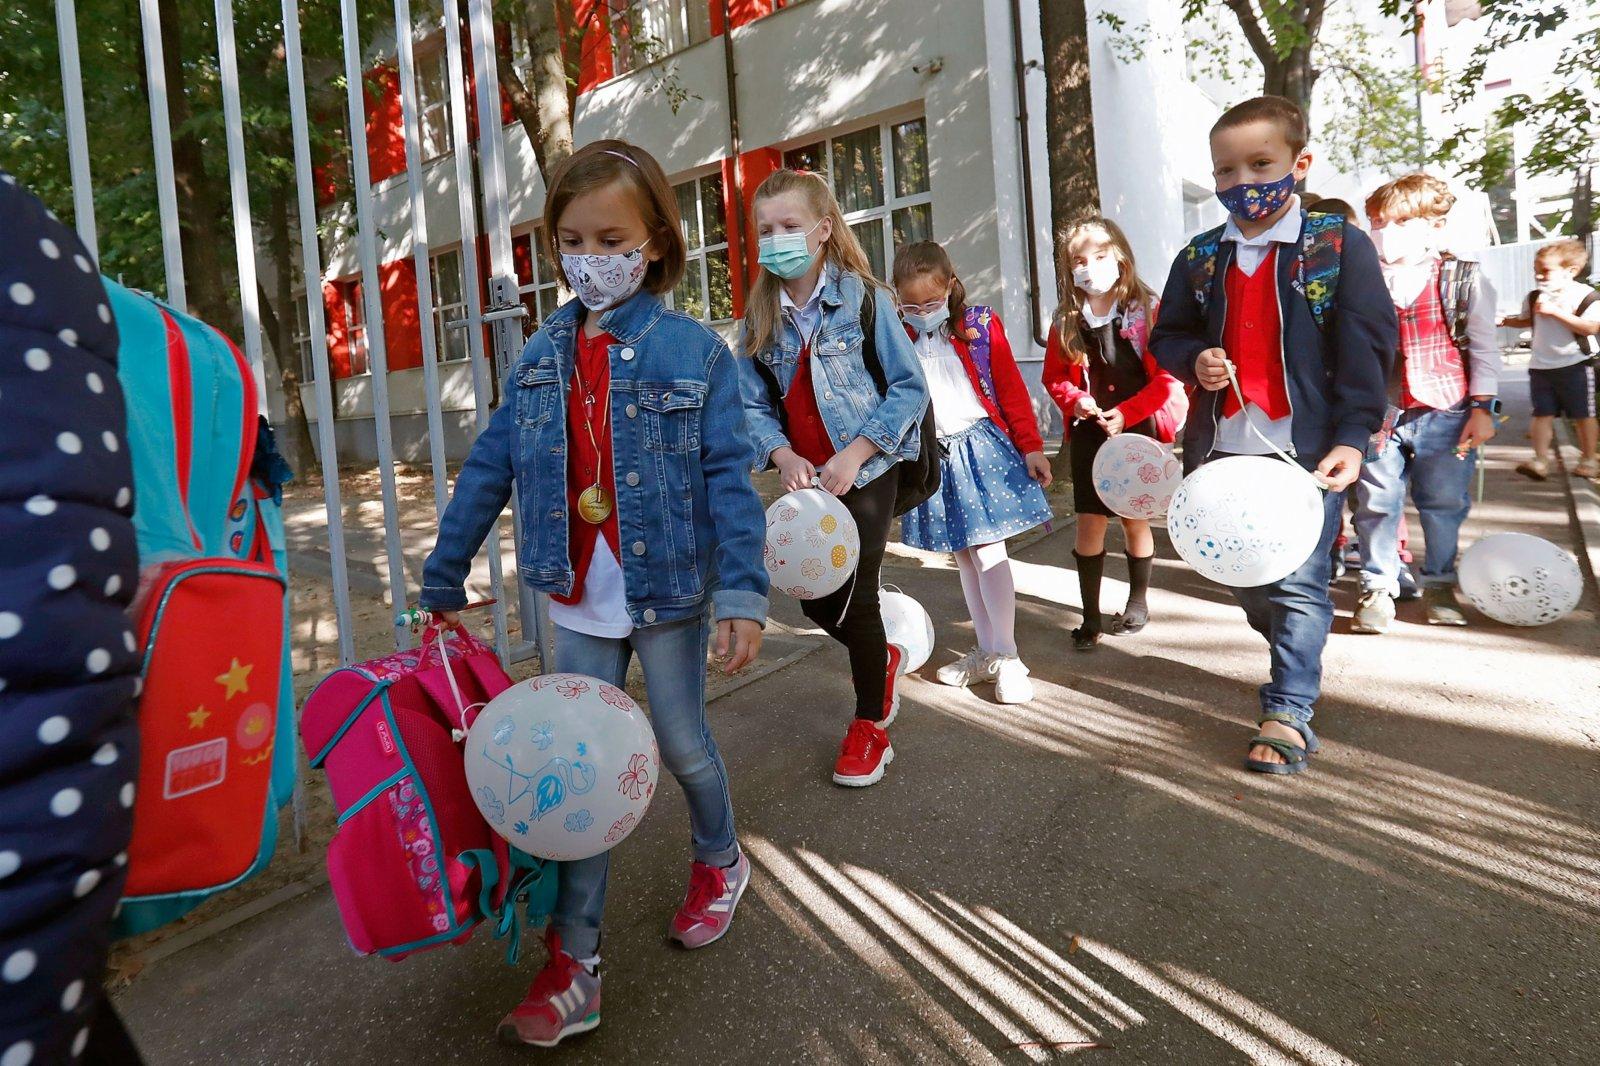 9月13日,在羅馬尼亞首都布加勒斯特,學生進入學校參加新學期開學典禮。當日,羅馬尼亞全國中小學開學,由於疫情日趨嚴重,政府要求所有人員必須戴口罩。(新華社)